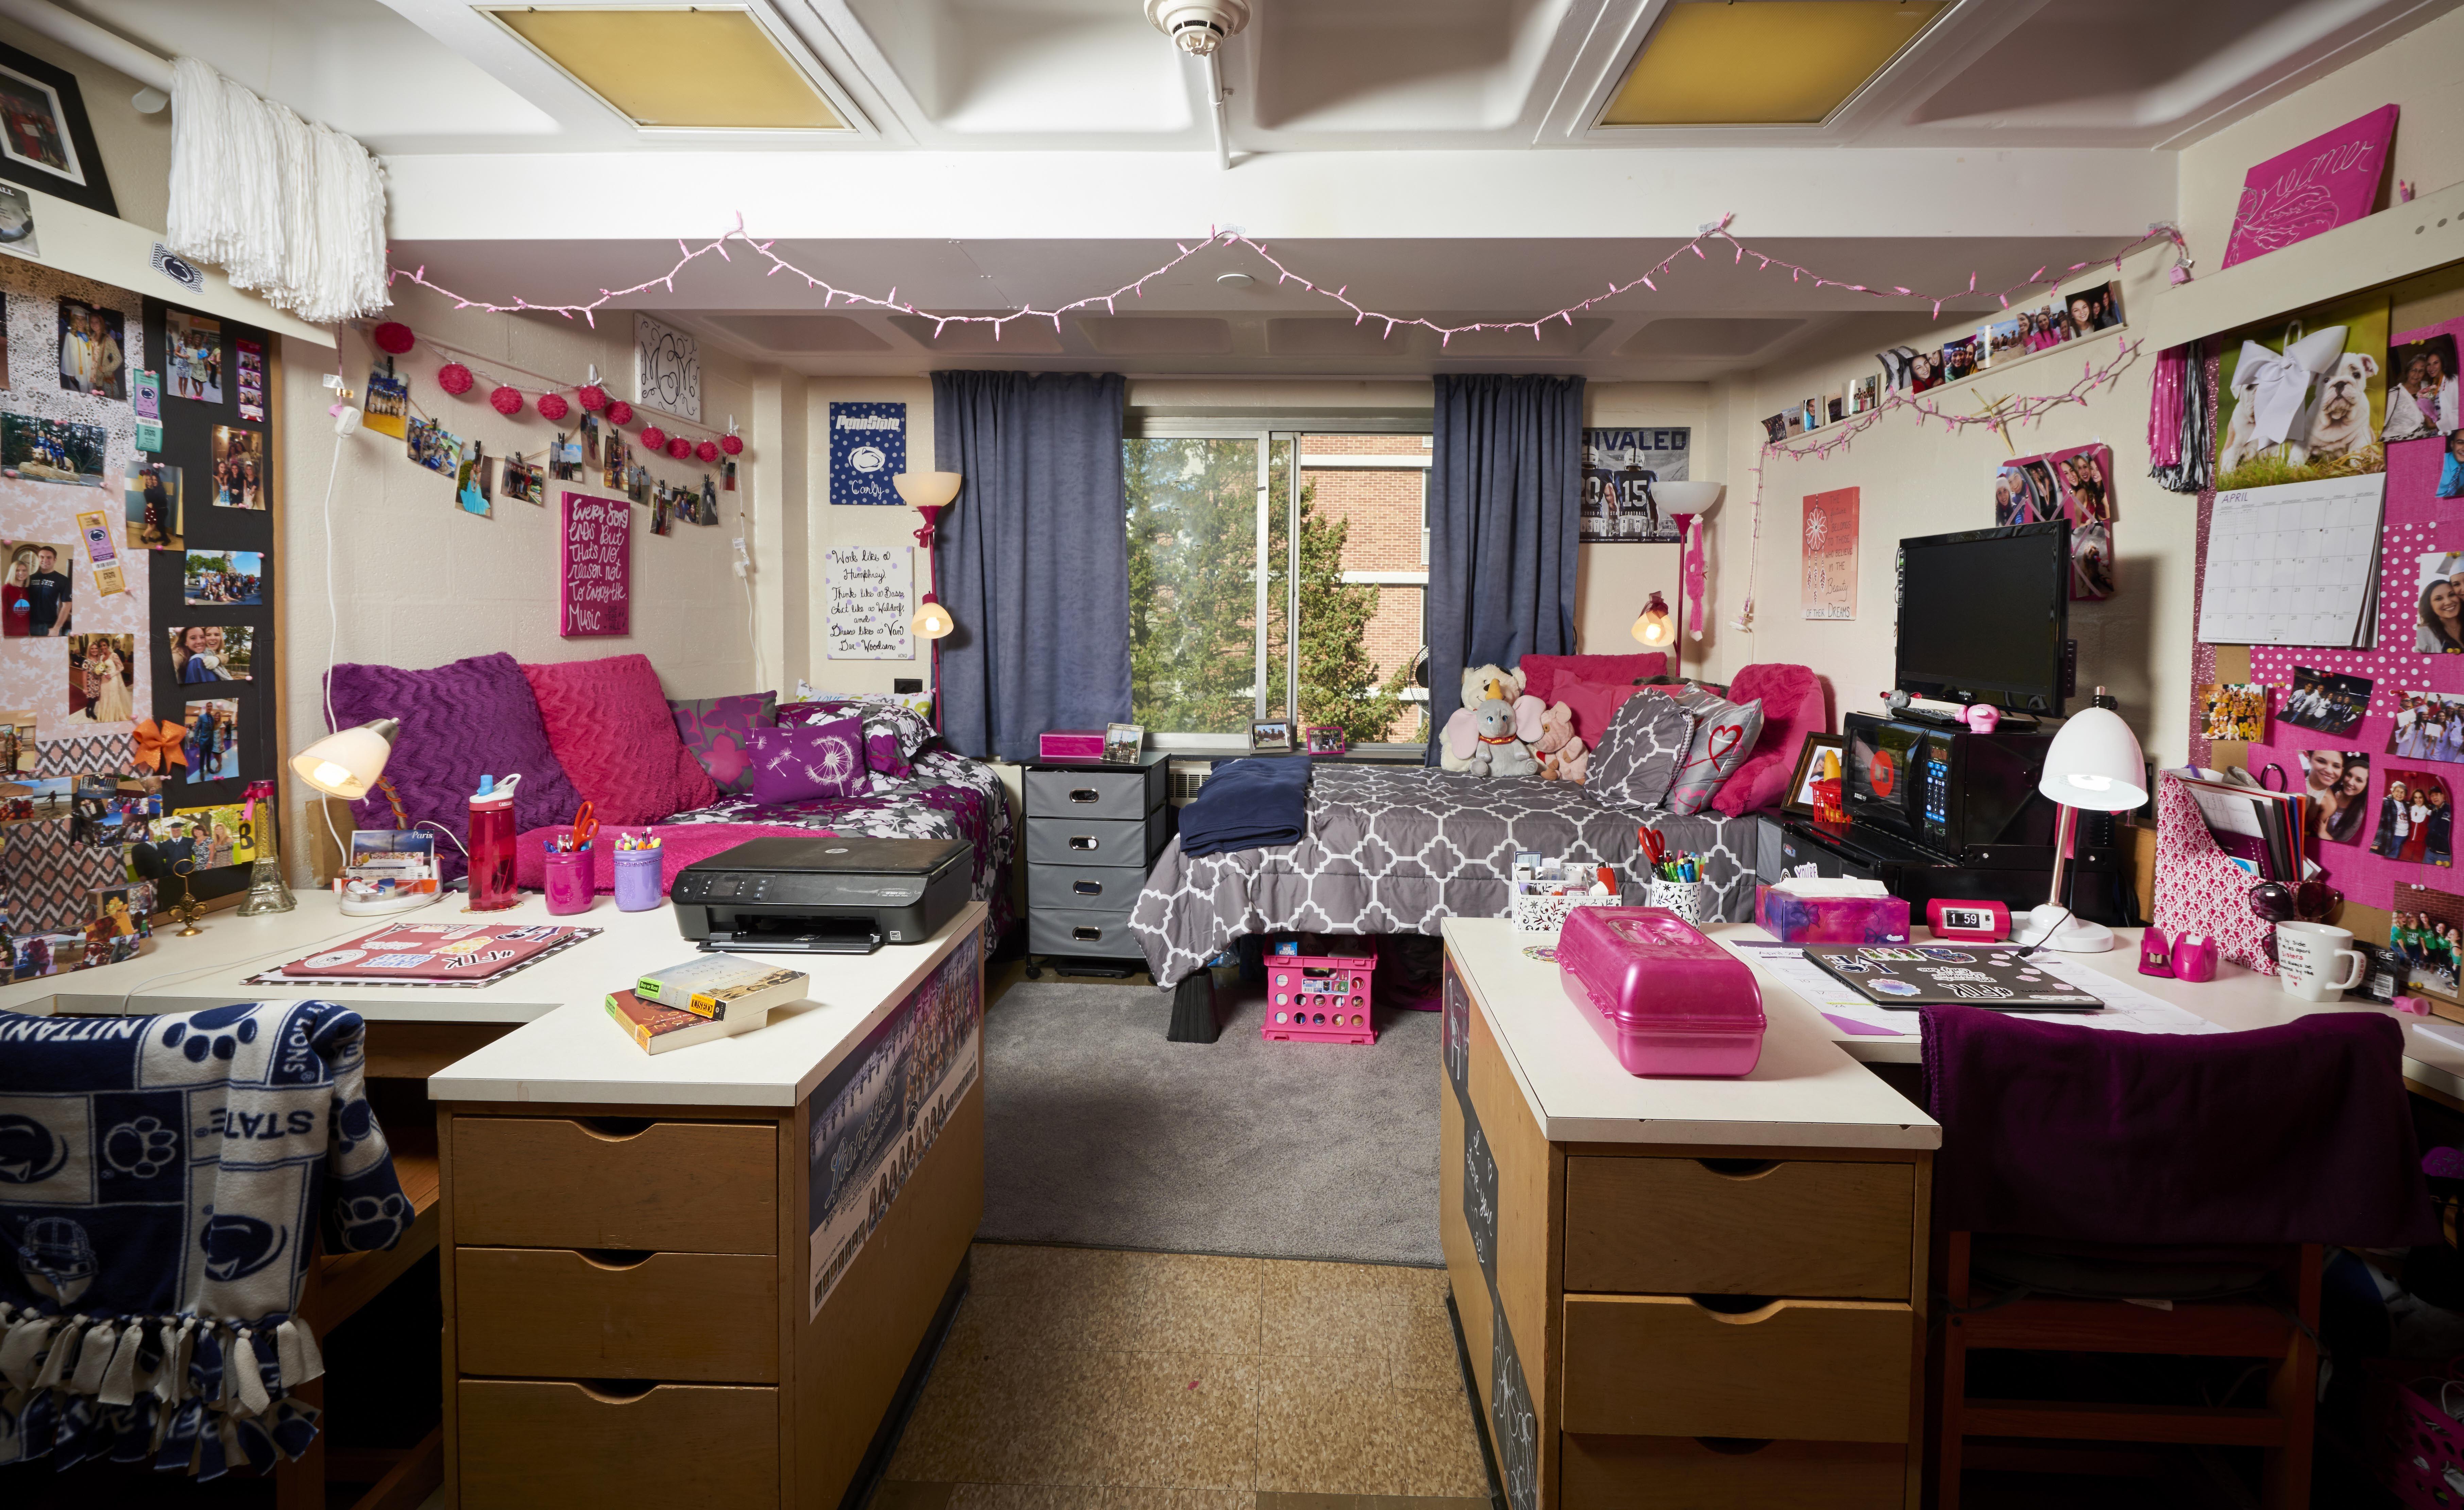 Alternate Dorm Set Up At Penn State S East Halls College